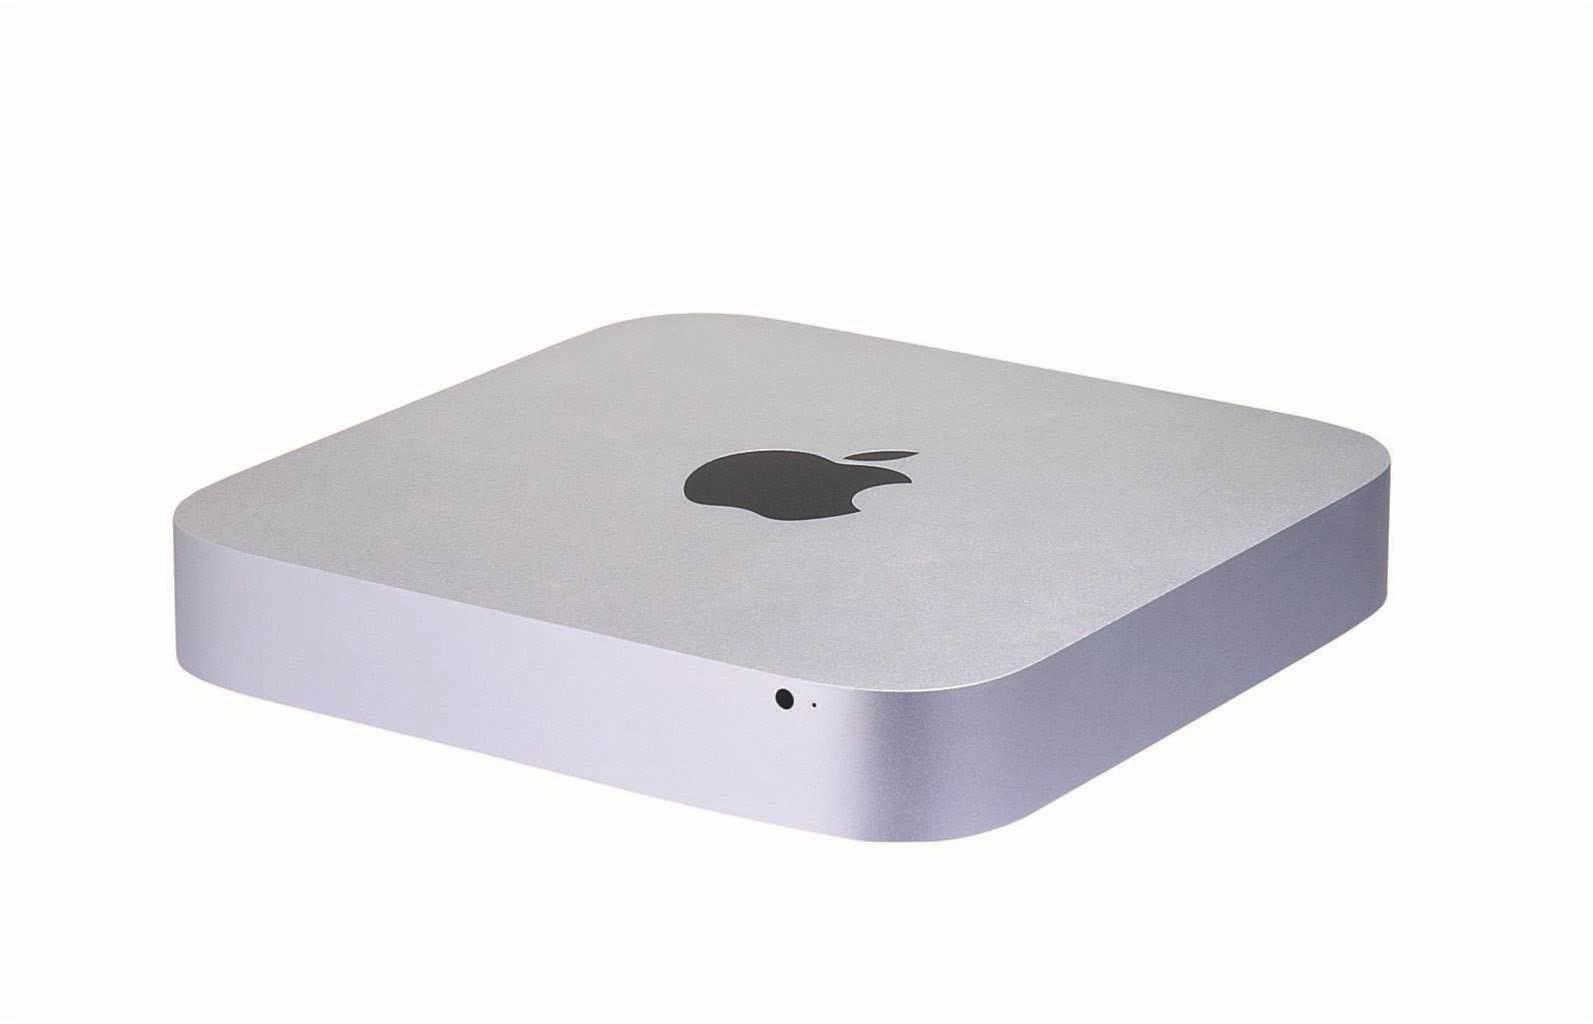 First look: new Apple Mac mini